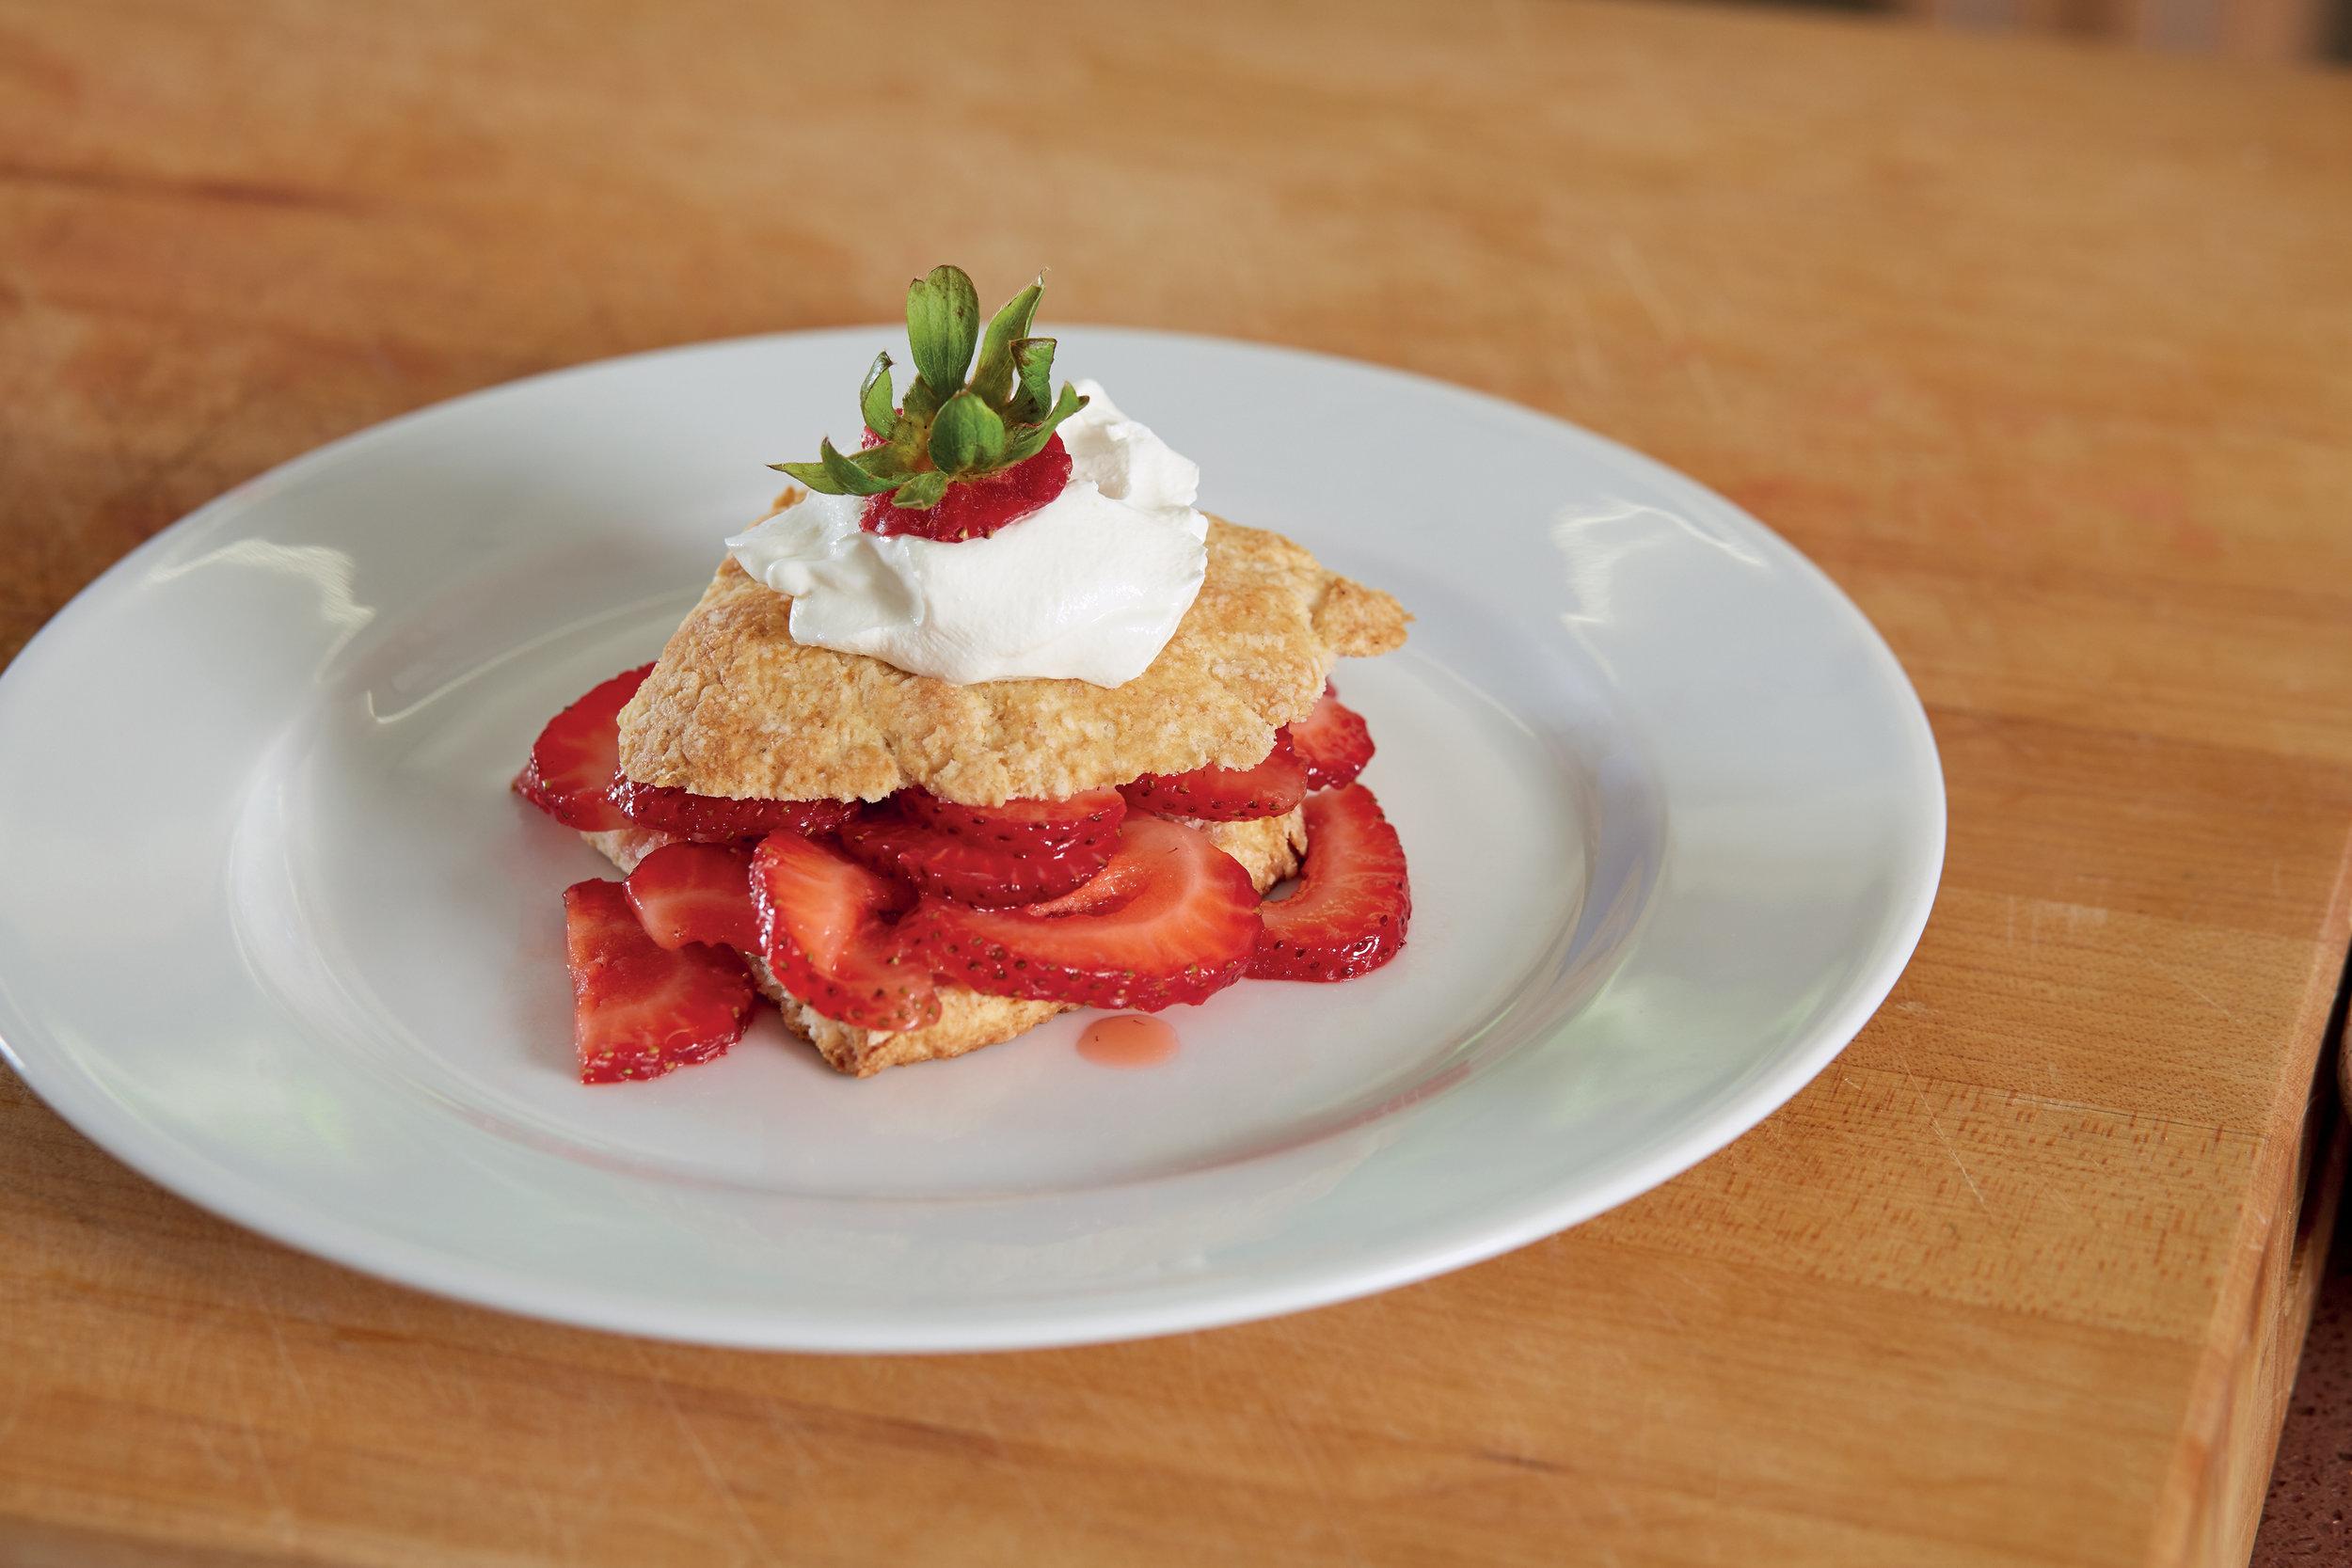 11-026-StrawberryShortcake-824393.jpg